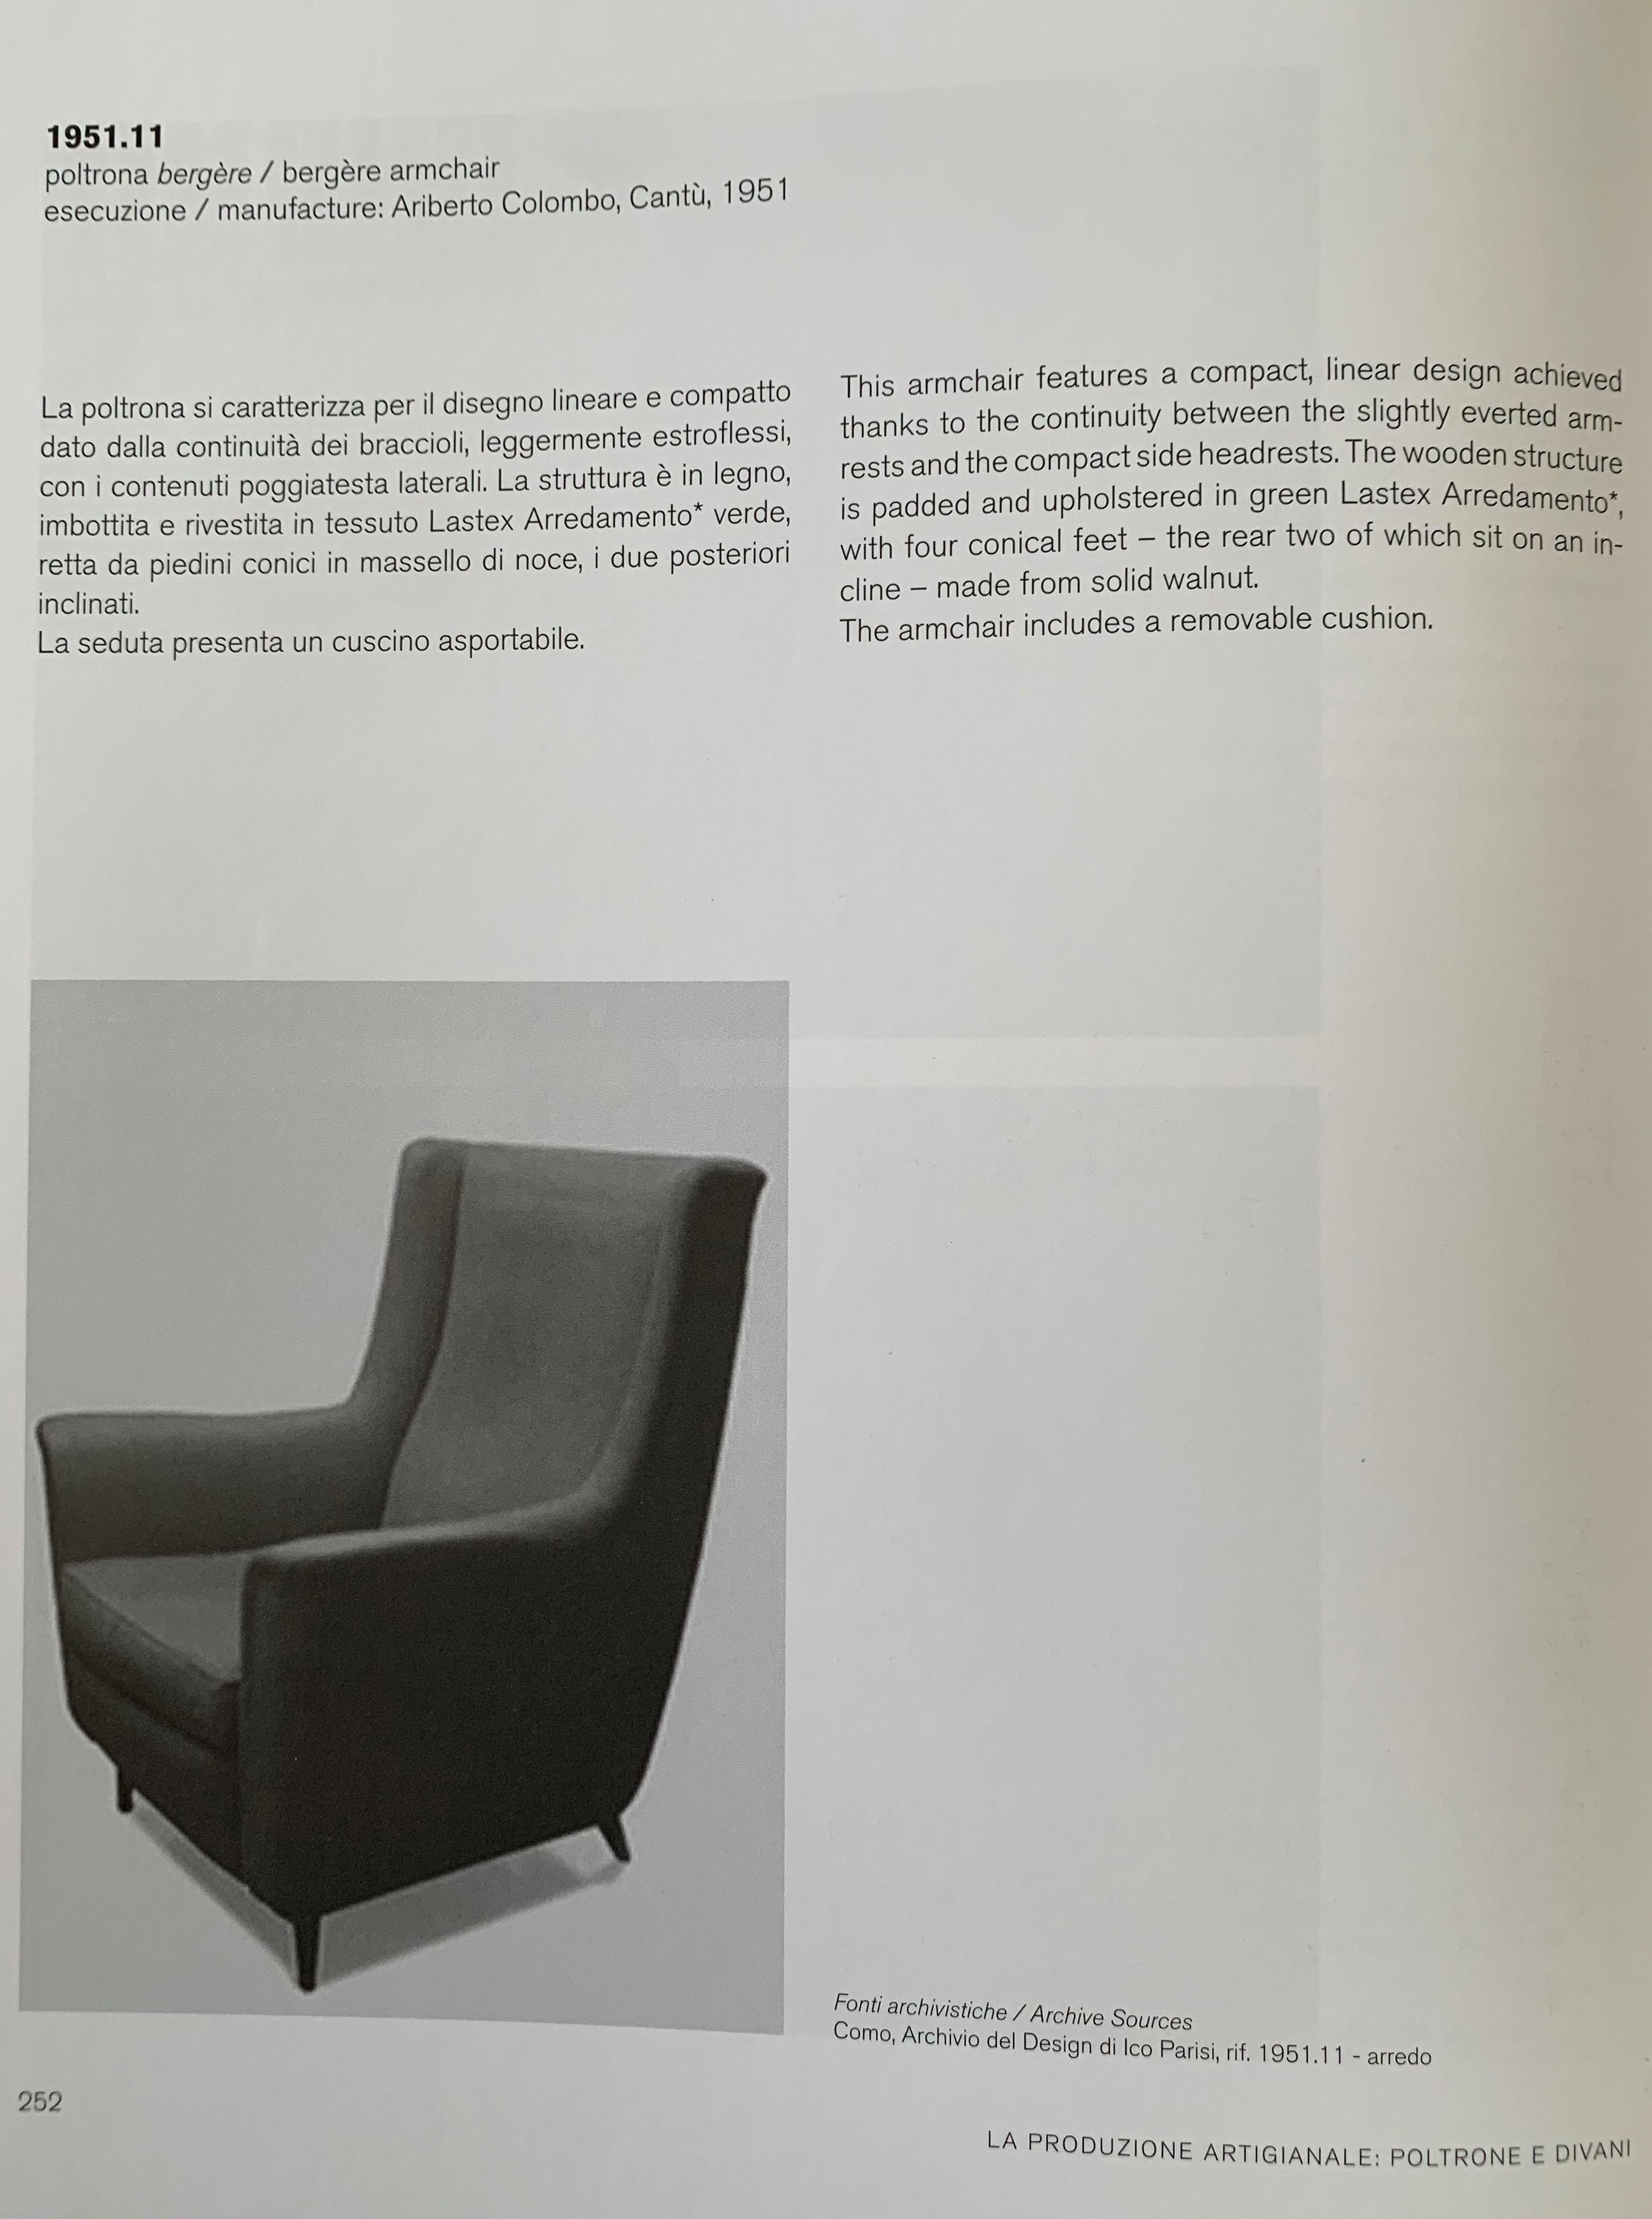 Tessuti Arredamento Per Divani light rose ico parisi armchair, 1950s, italy